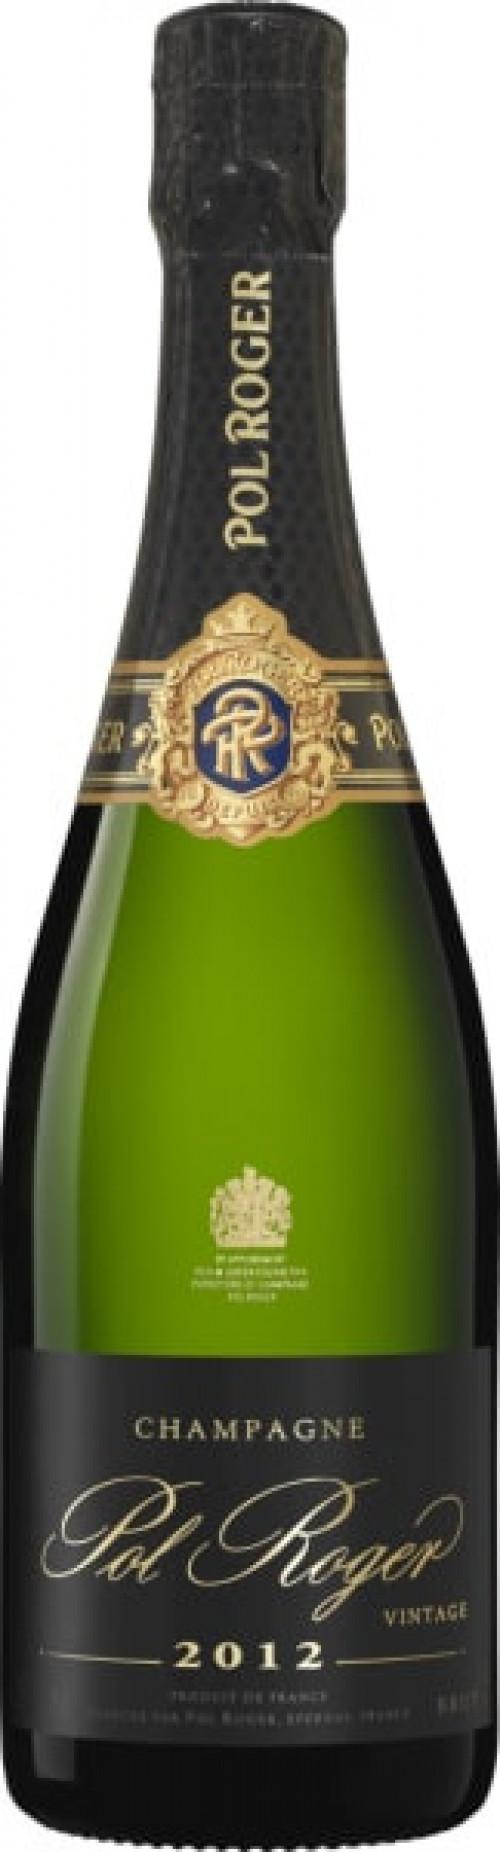 2012 Pol Roger Vintage Brut 750ml